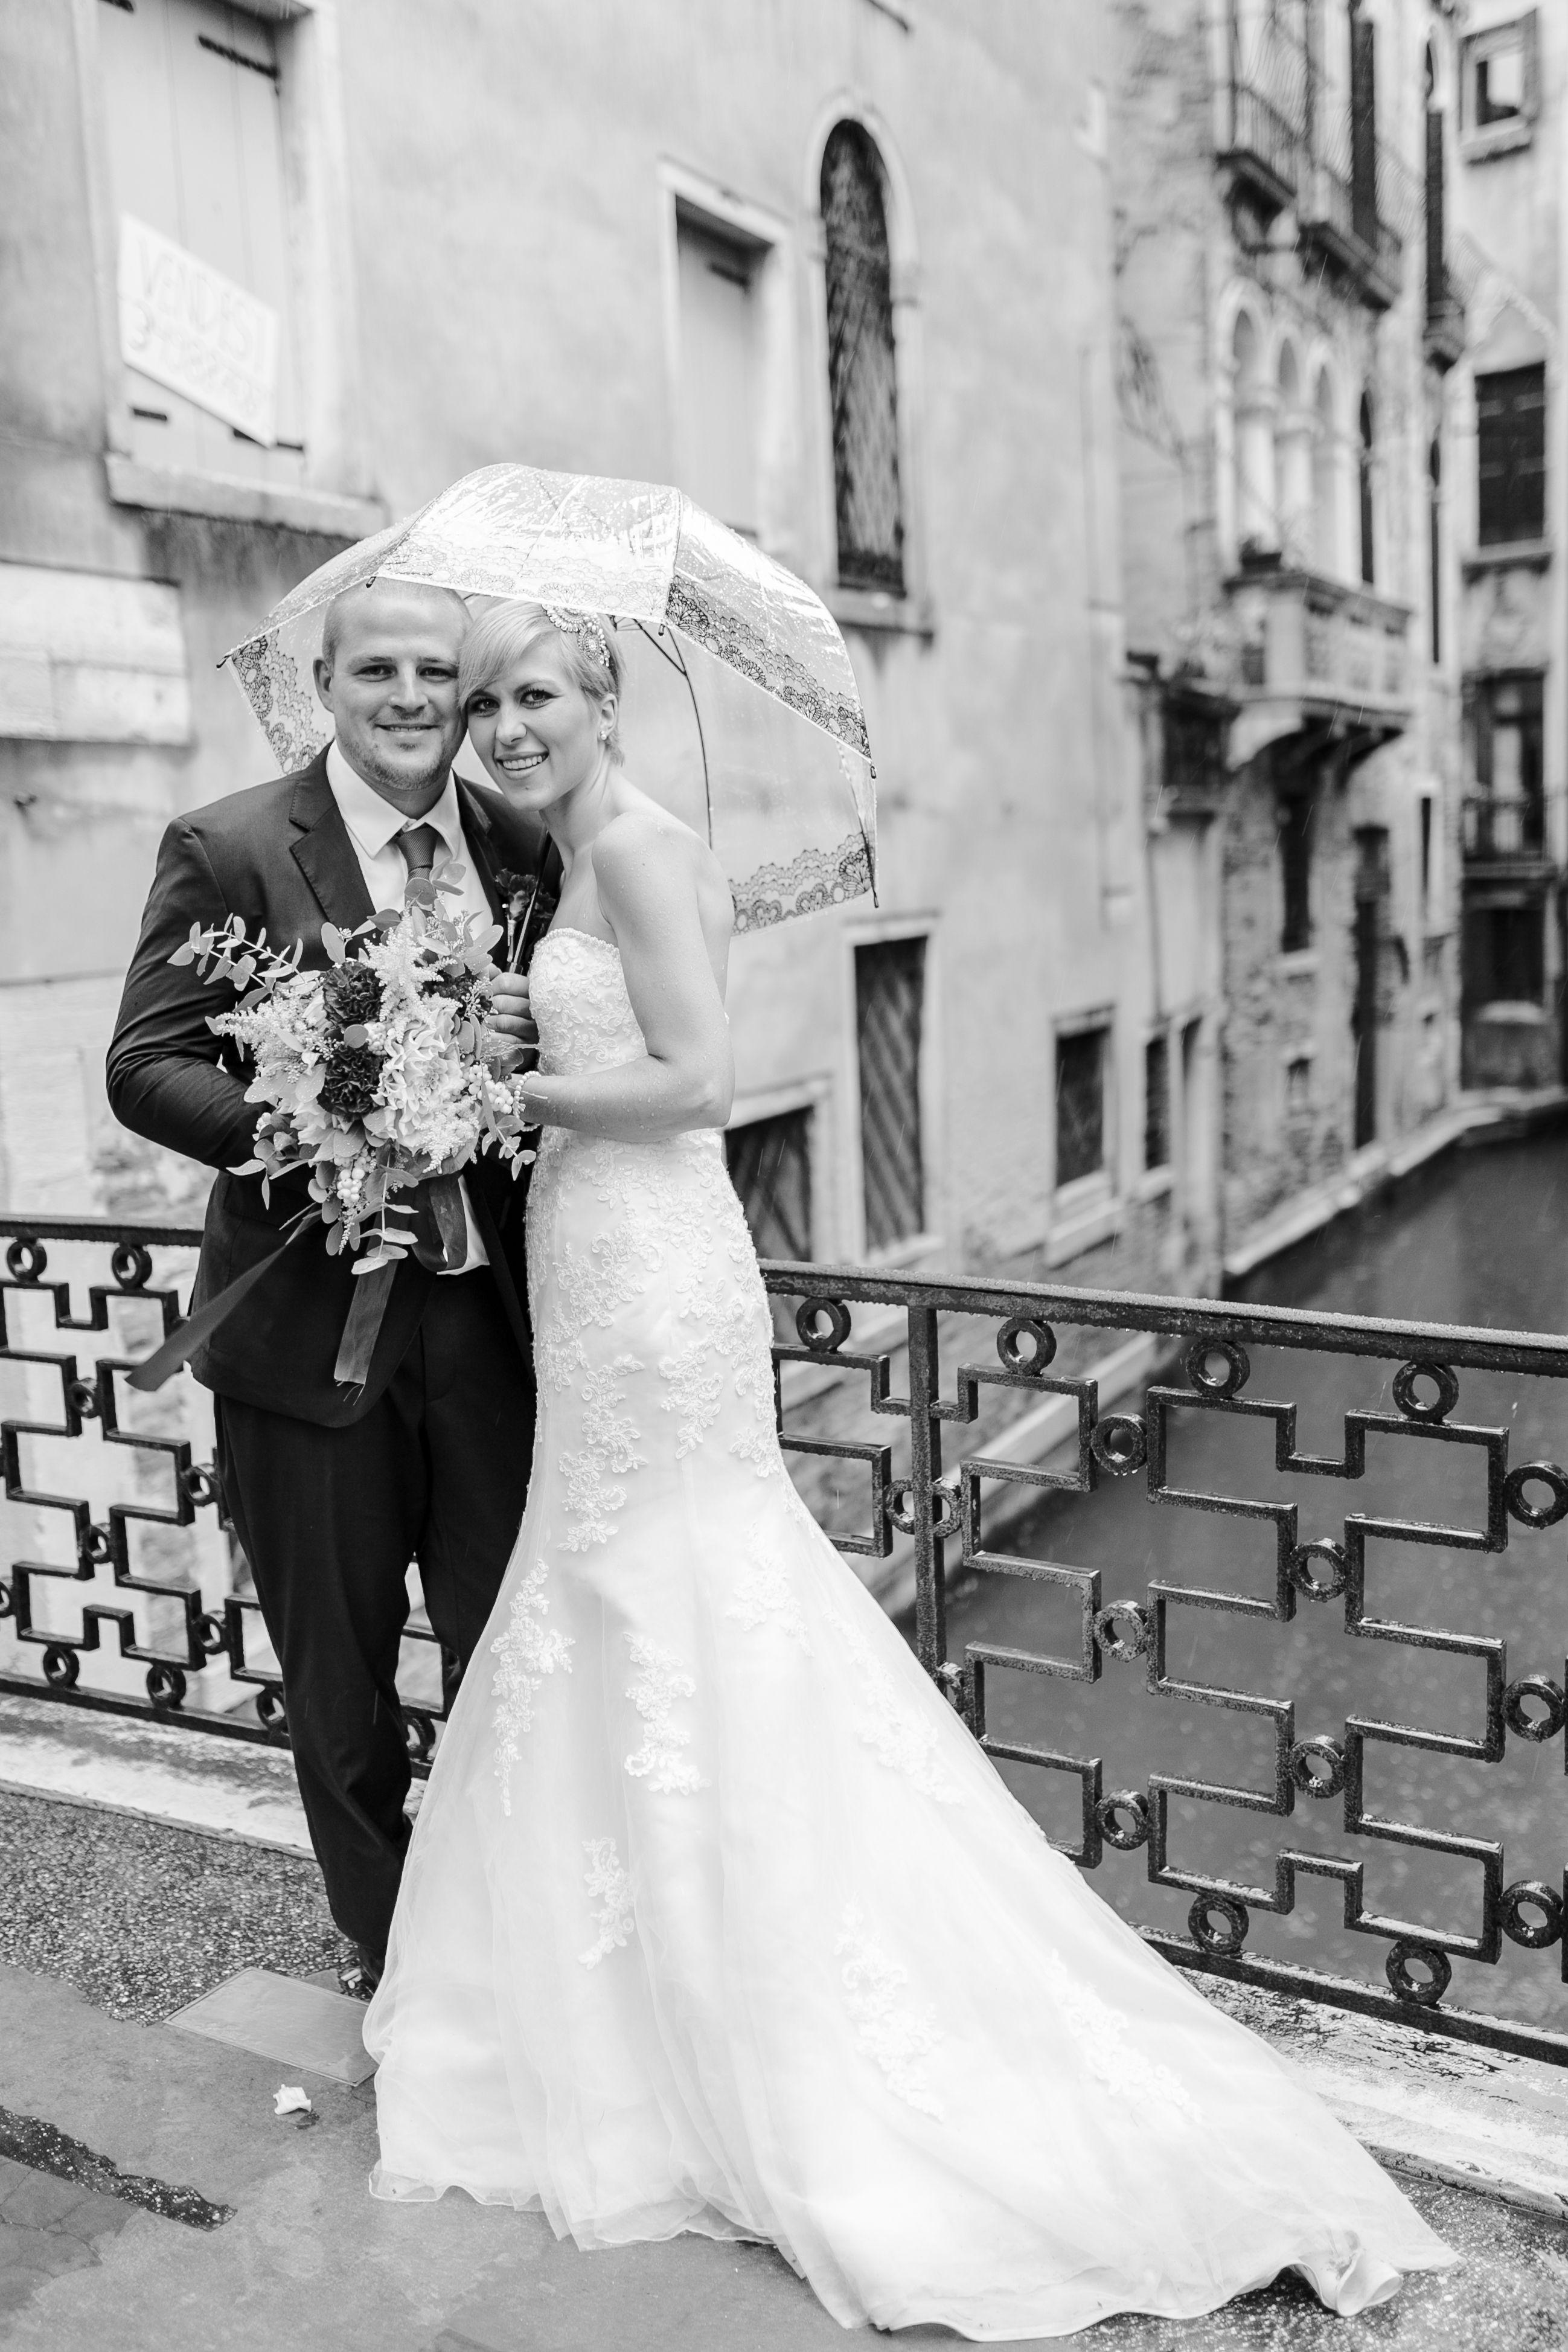 After-Wedding-Shooting, in Venedig, bei Regen, Brücke, Regenschirm, Kanal,